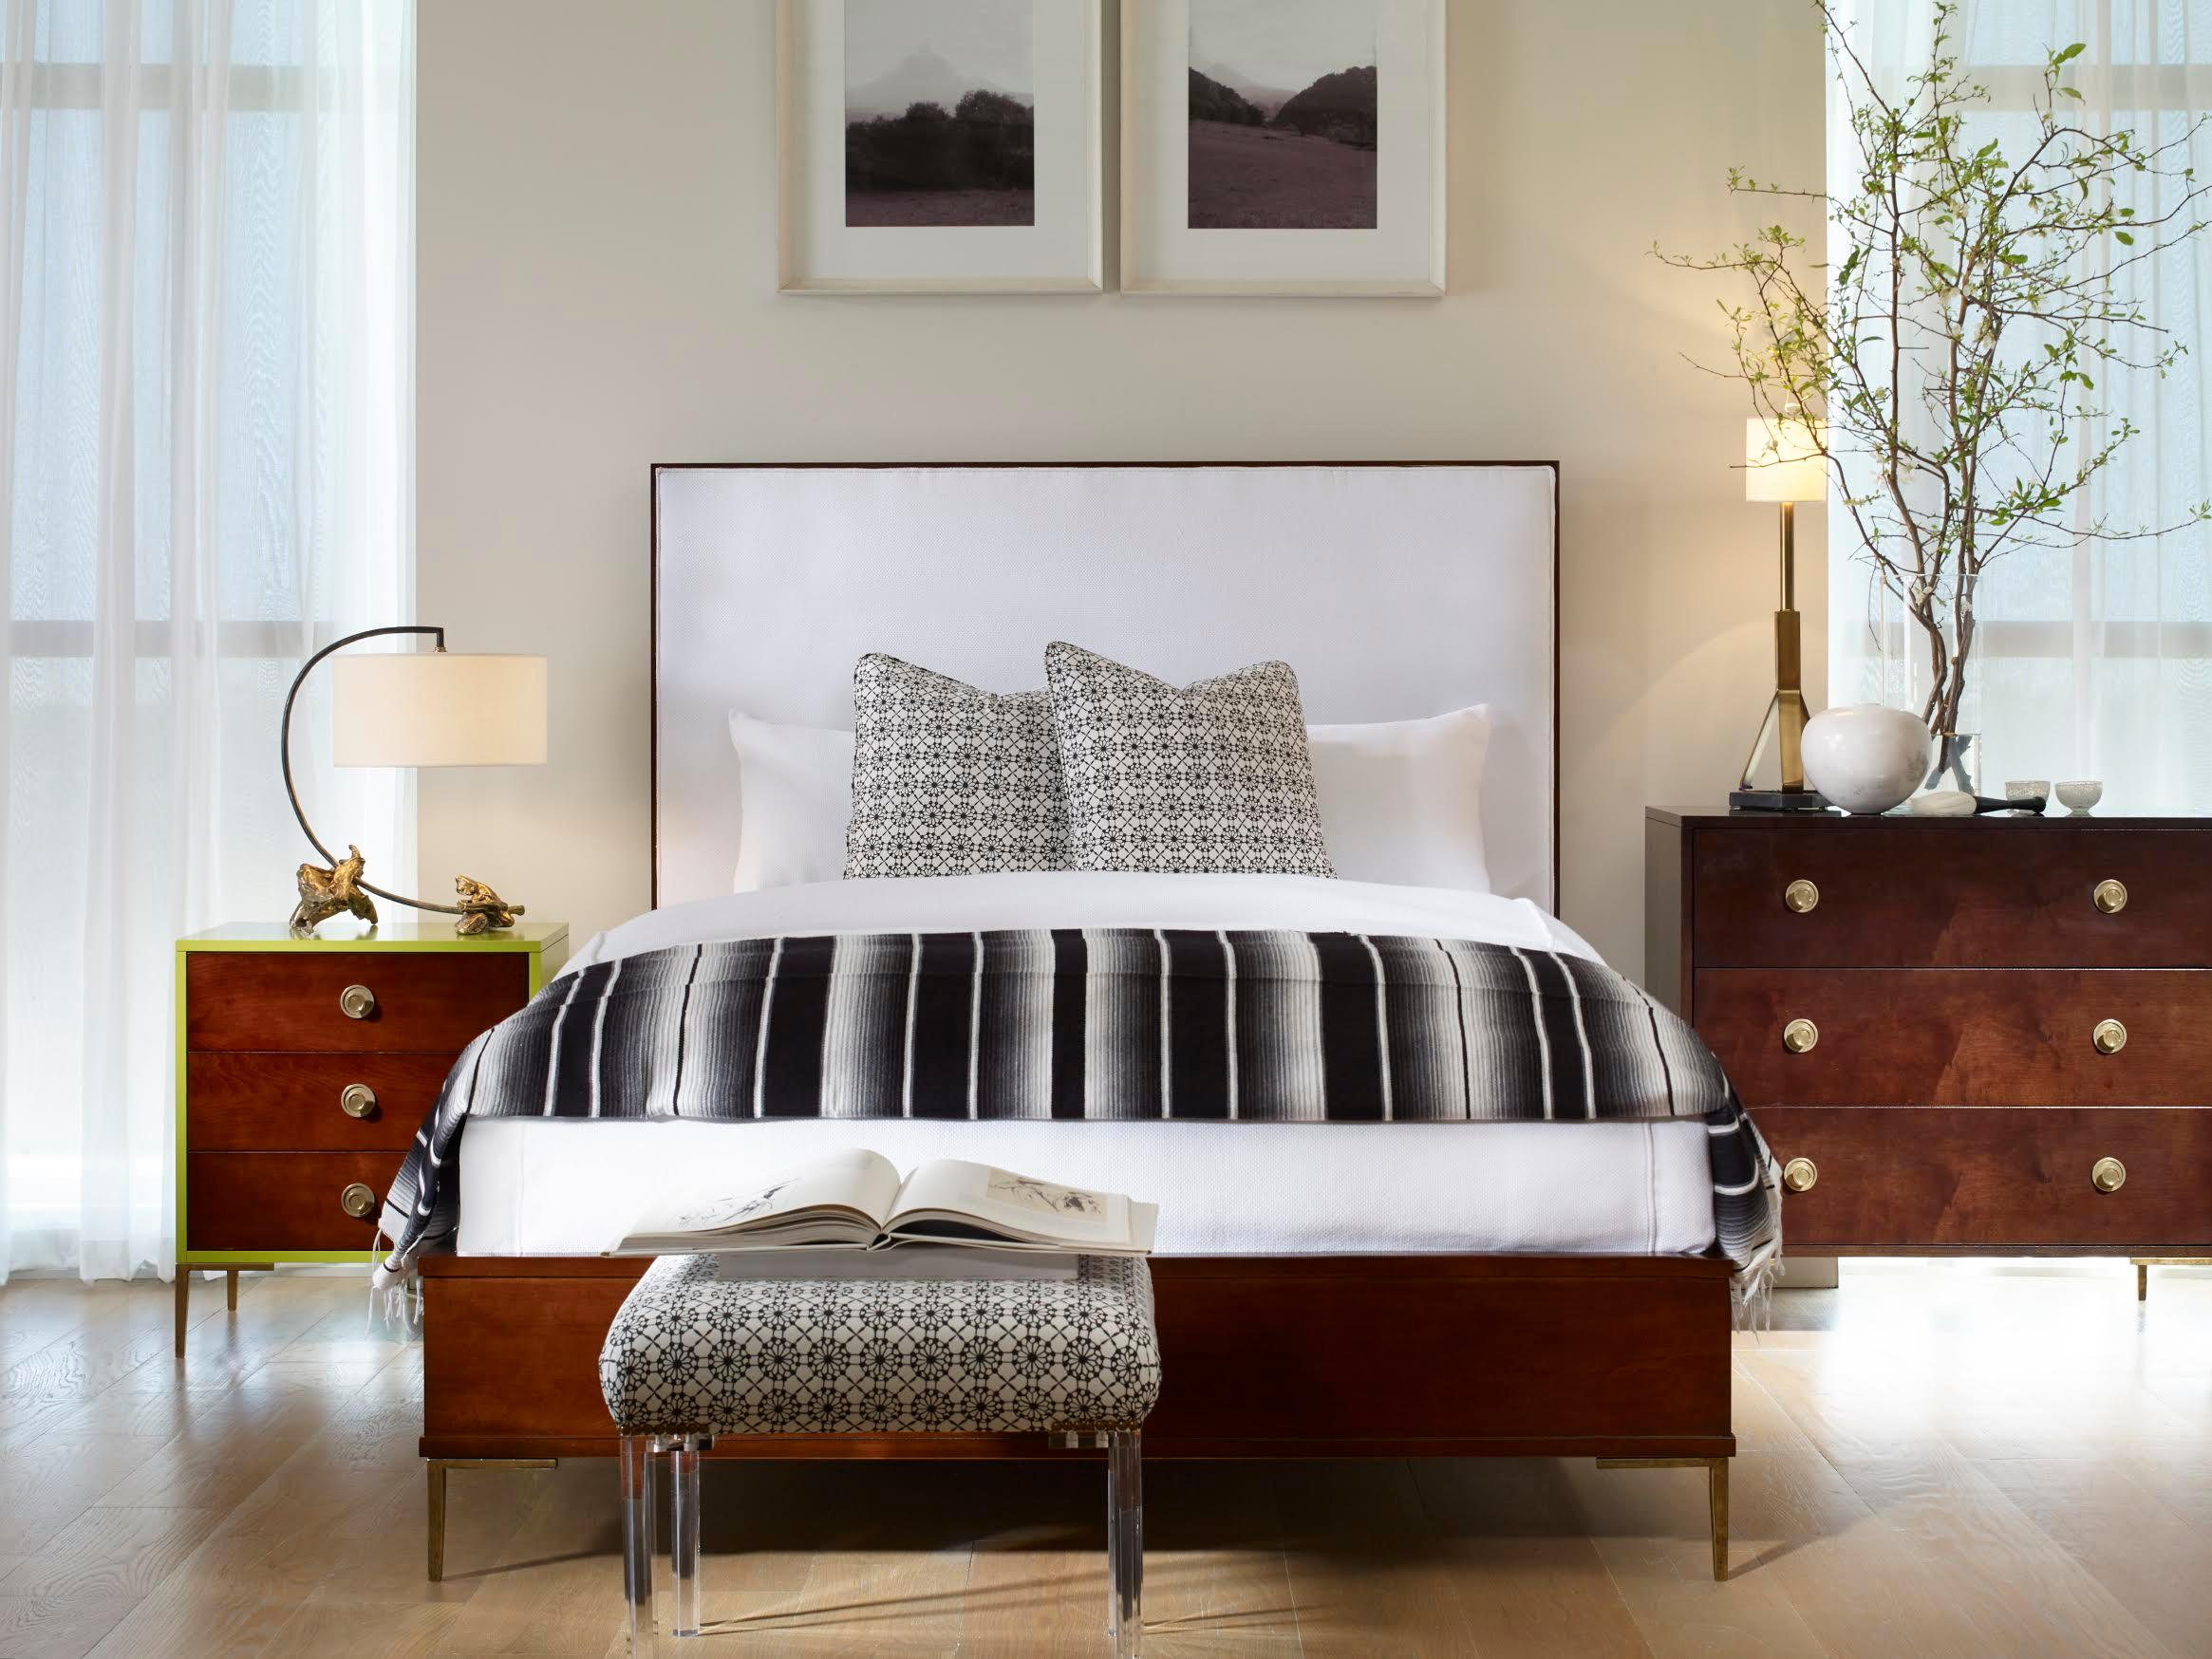 Gasior's Furniture & Interior Design image 0